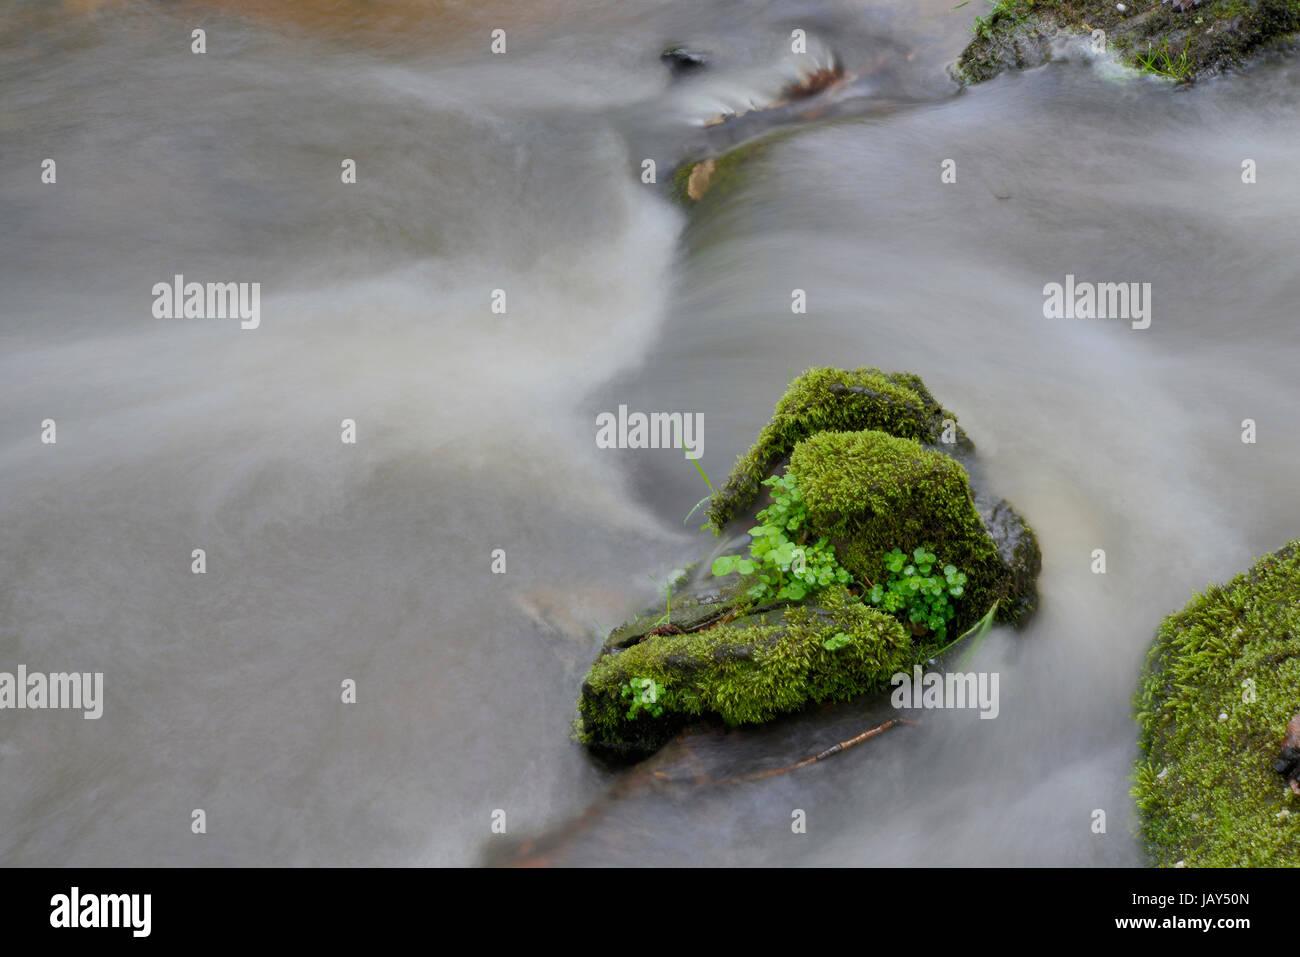 bach, wasser, fließen, fließend, wald, natur, frisch, trinkwasser, sauber, natürlich, sprudelnd, quellwasser Stock Photo